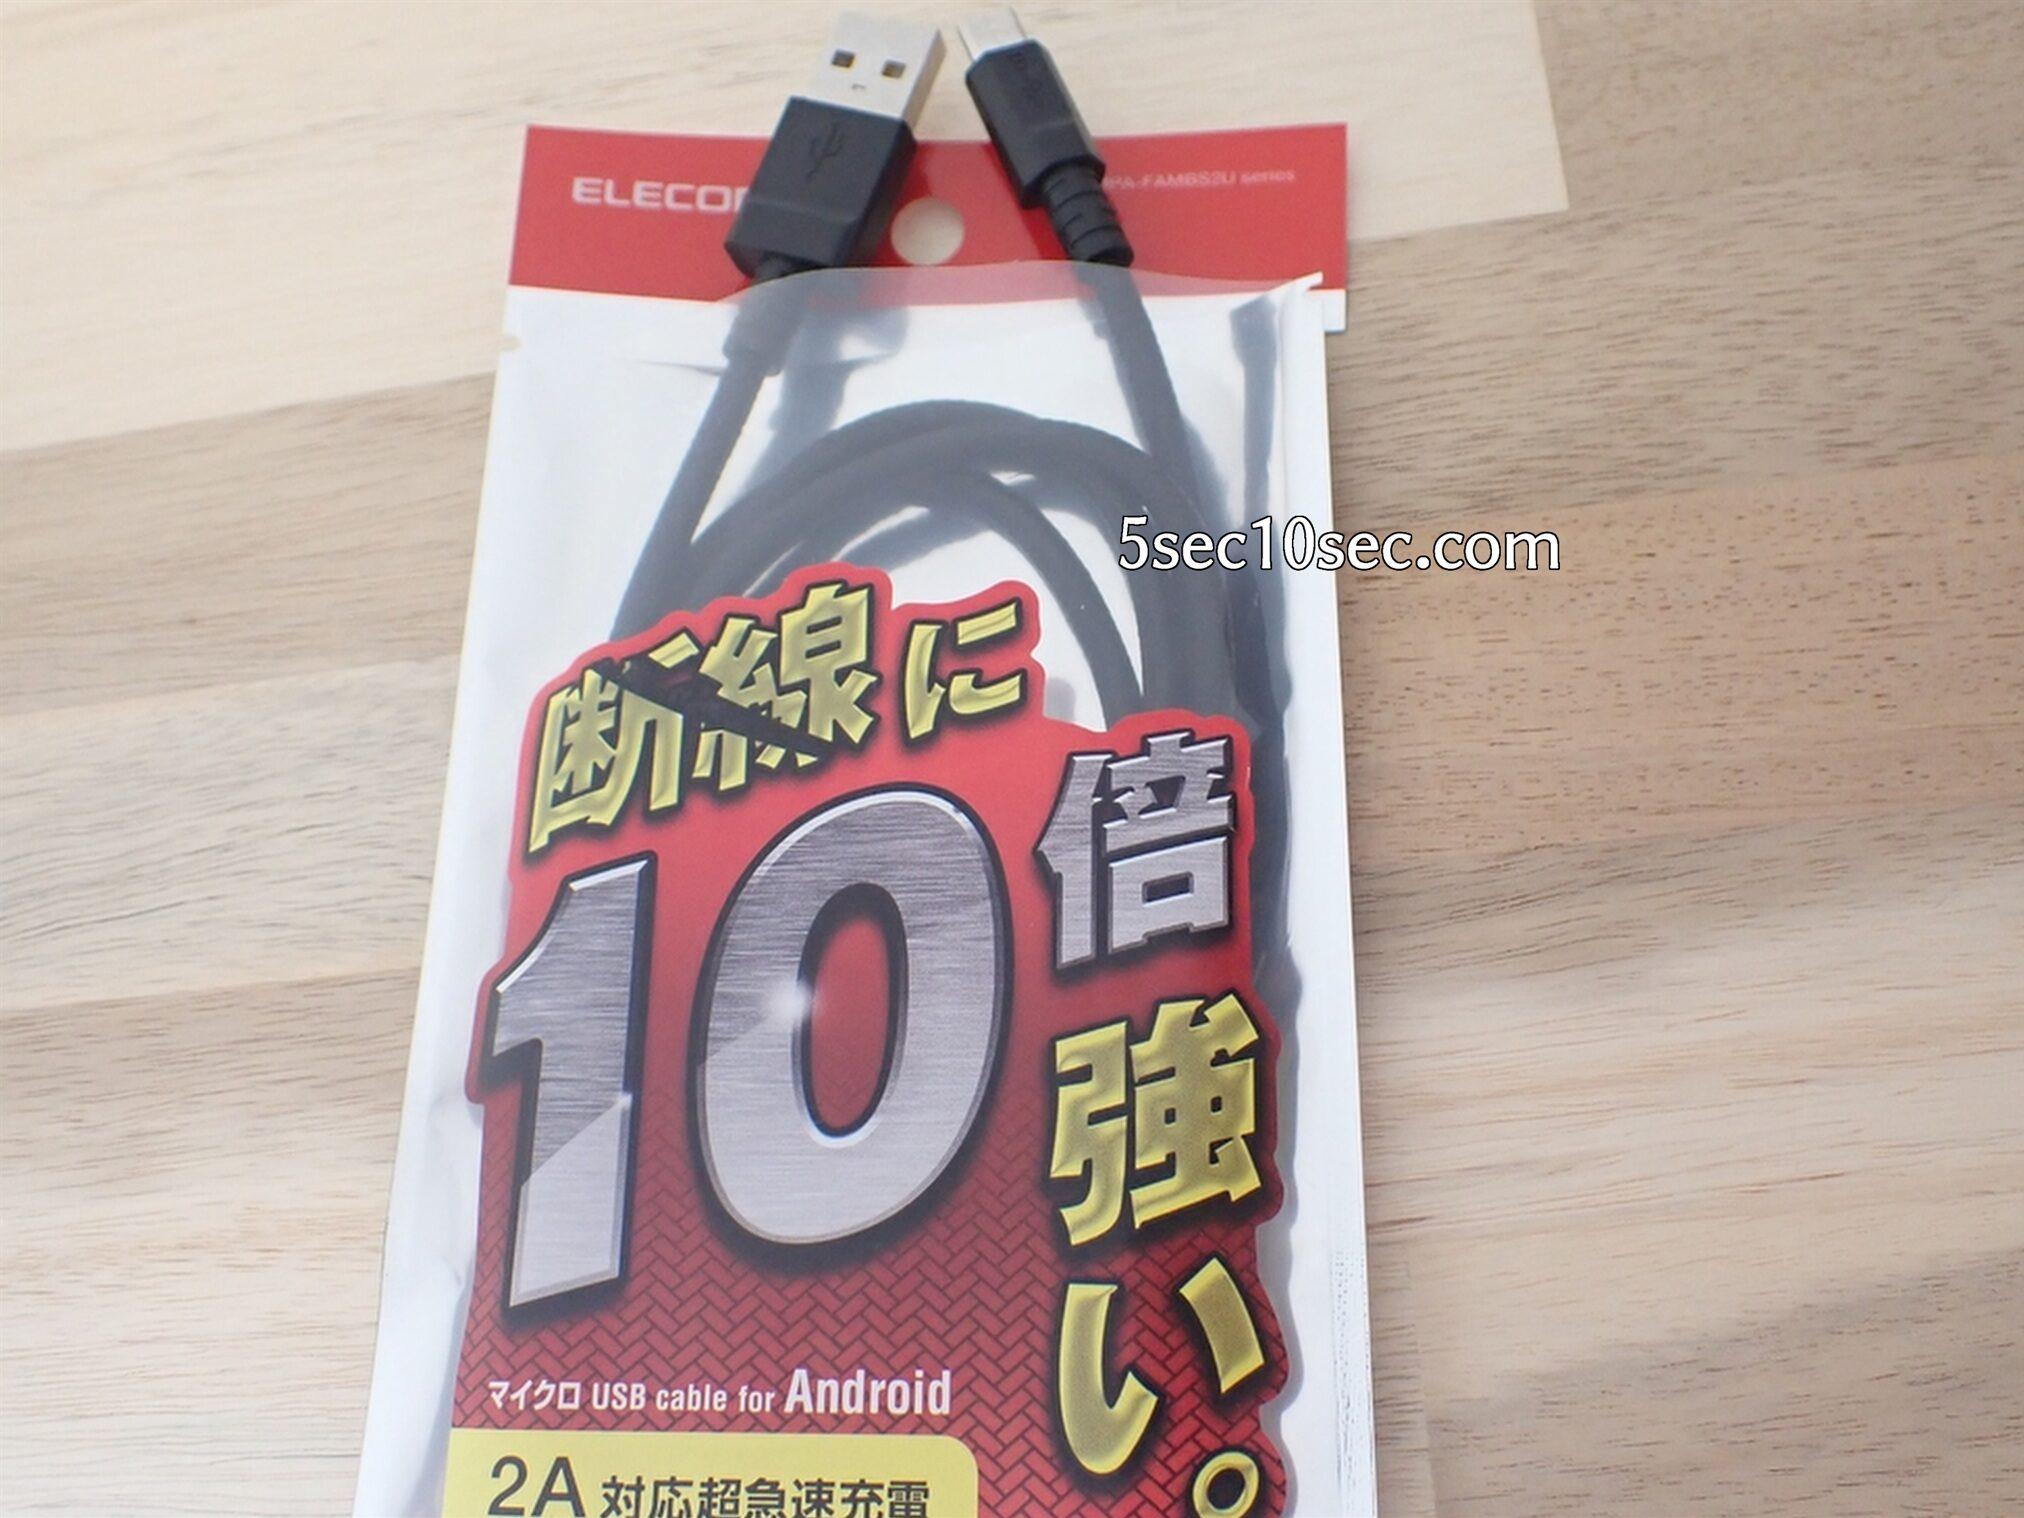 エレコム 2A対応 高耐久microUSBケーブル 0.8m USB ケーブル ブラック MPA-FAMBS2U08BK パッケージ写真